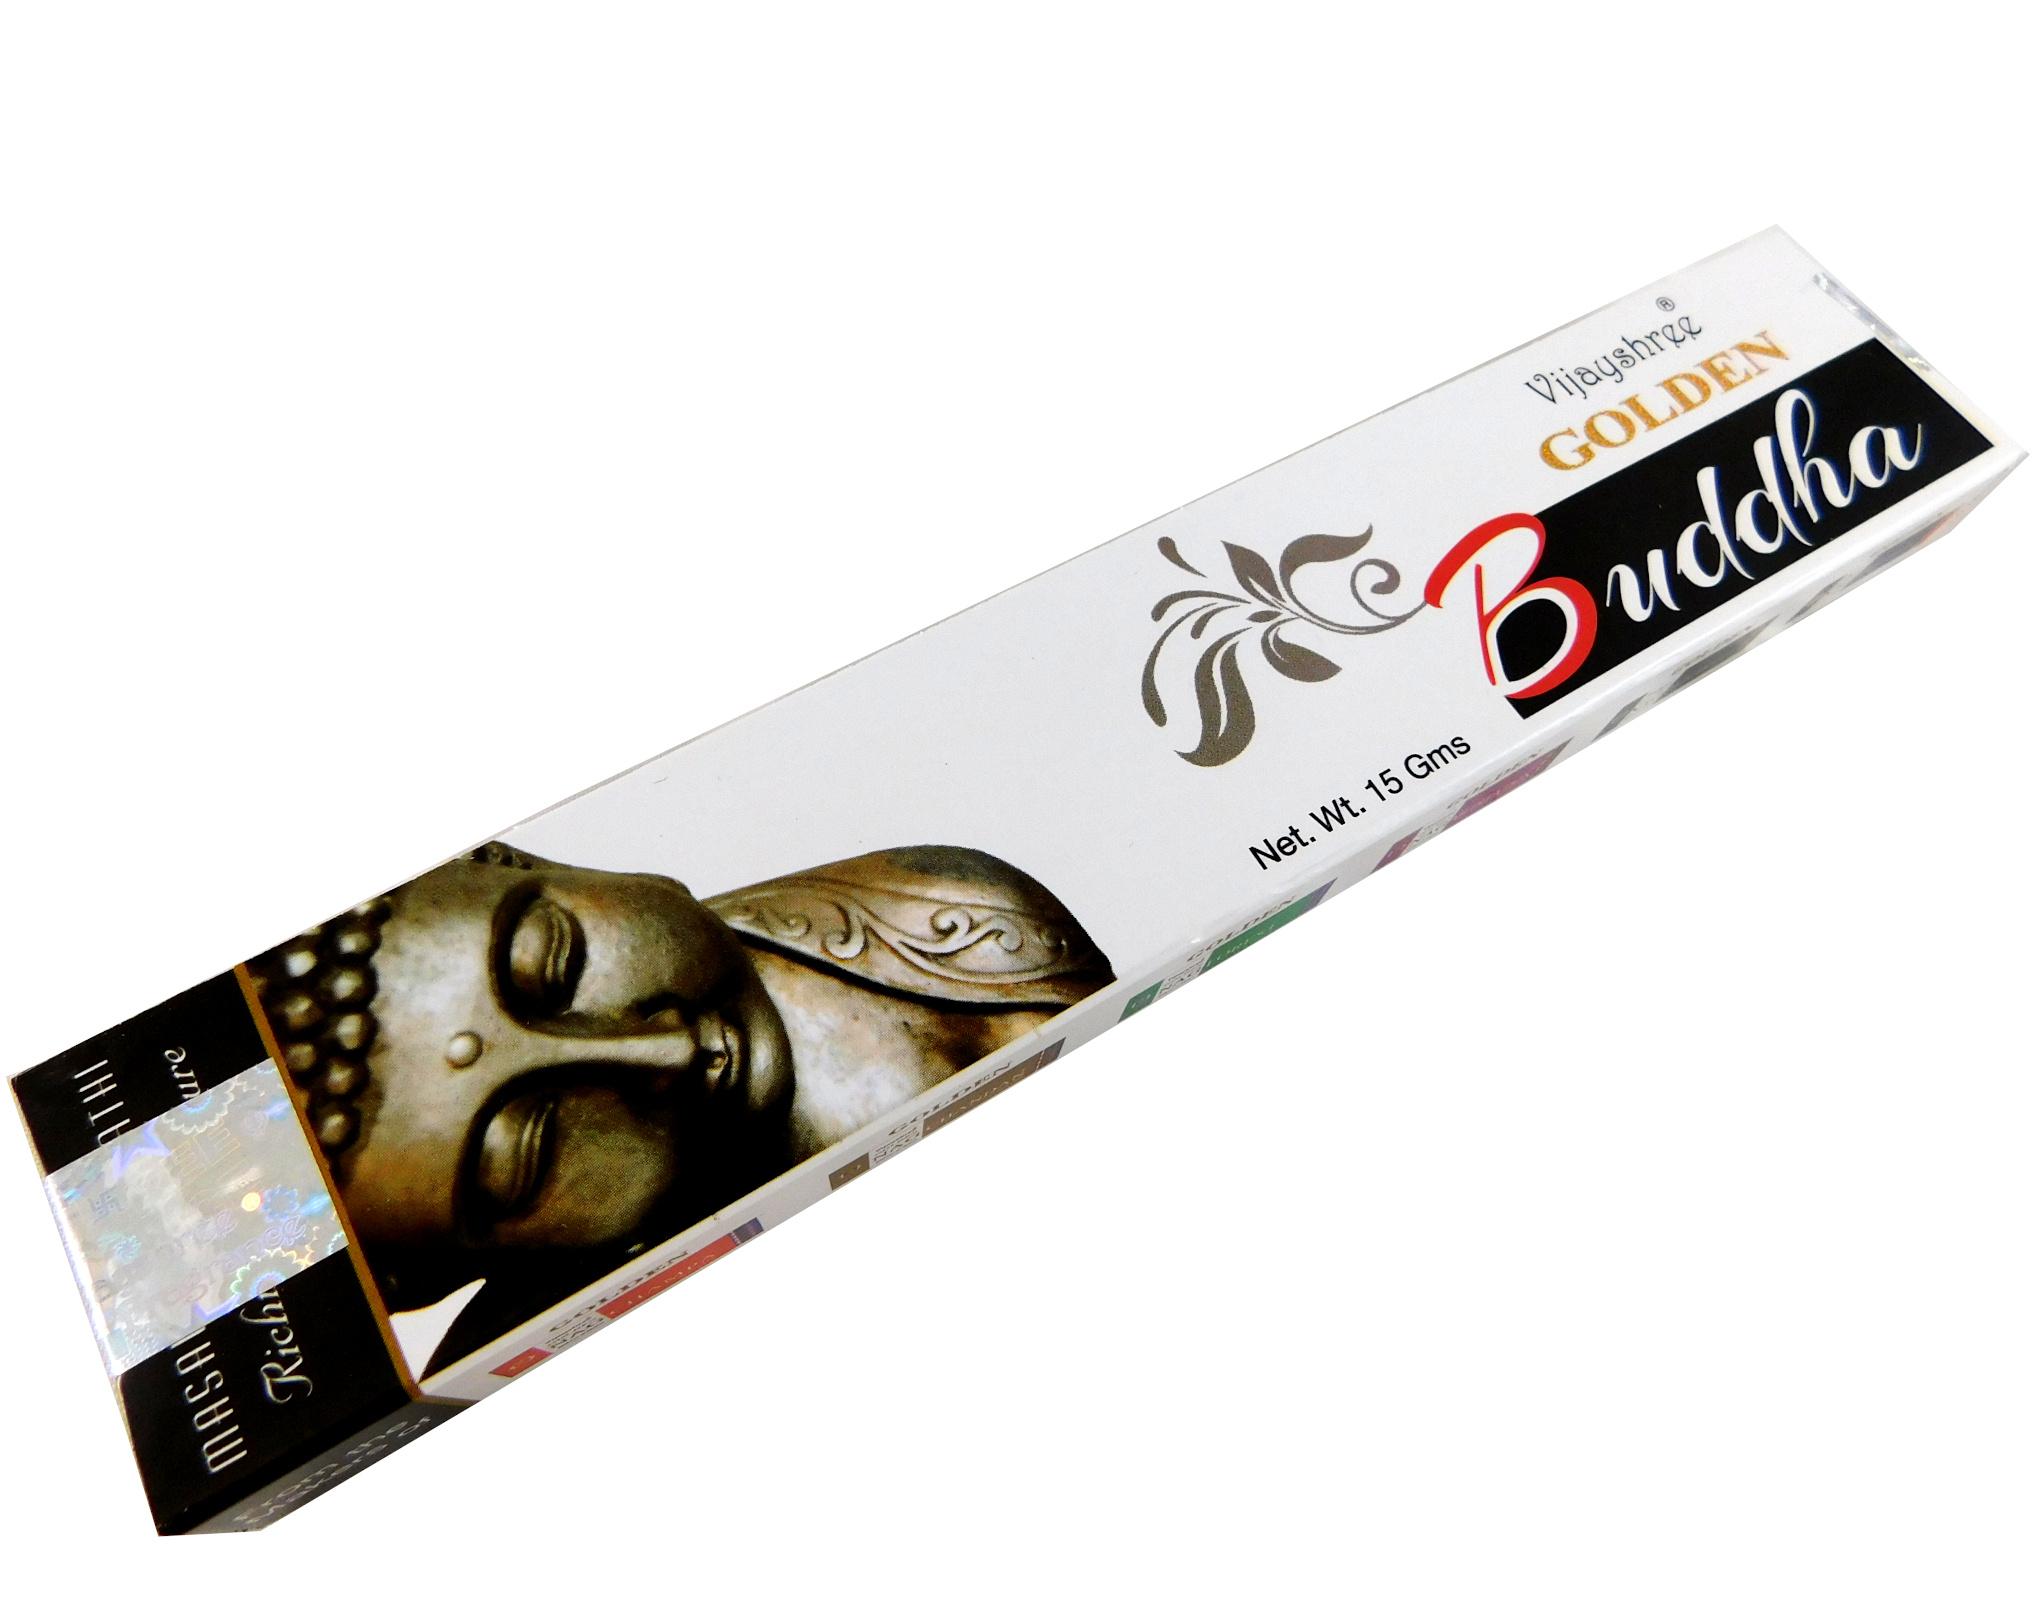 Räucherstäbchen Golden Buddha von Vijayshree 15g Packung. Ca. 15 Incence Sticks